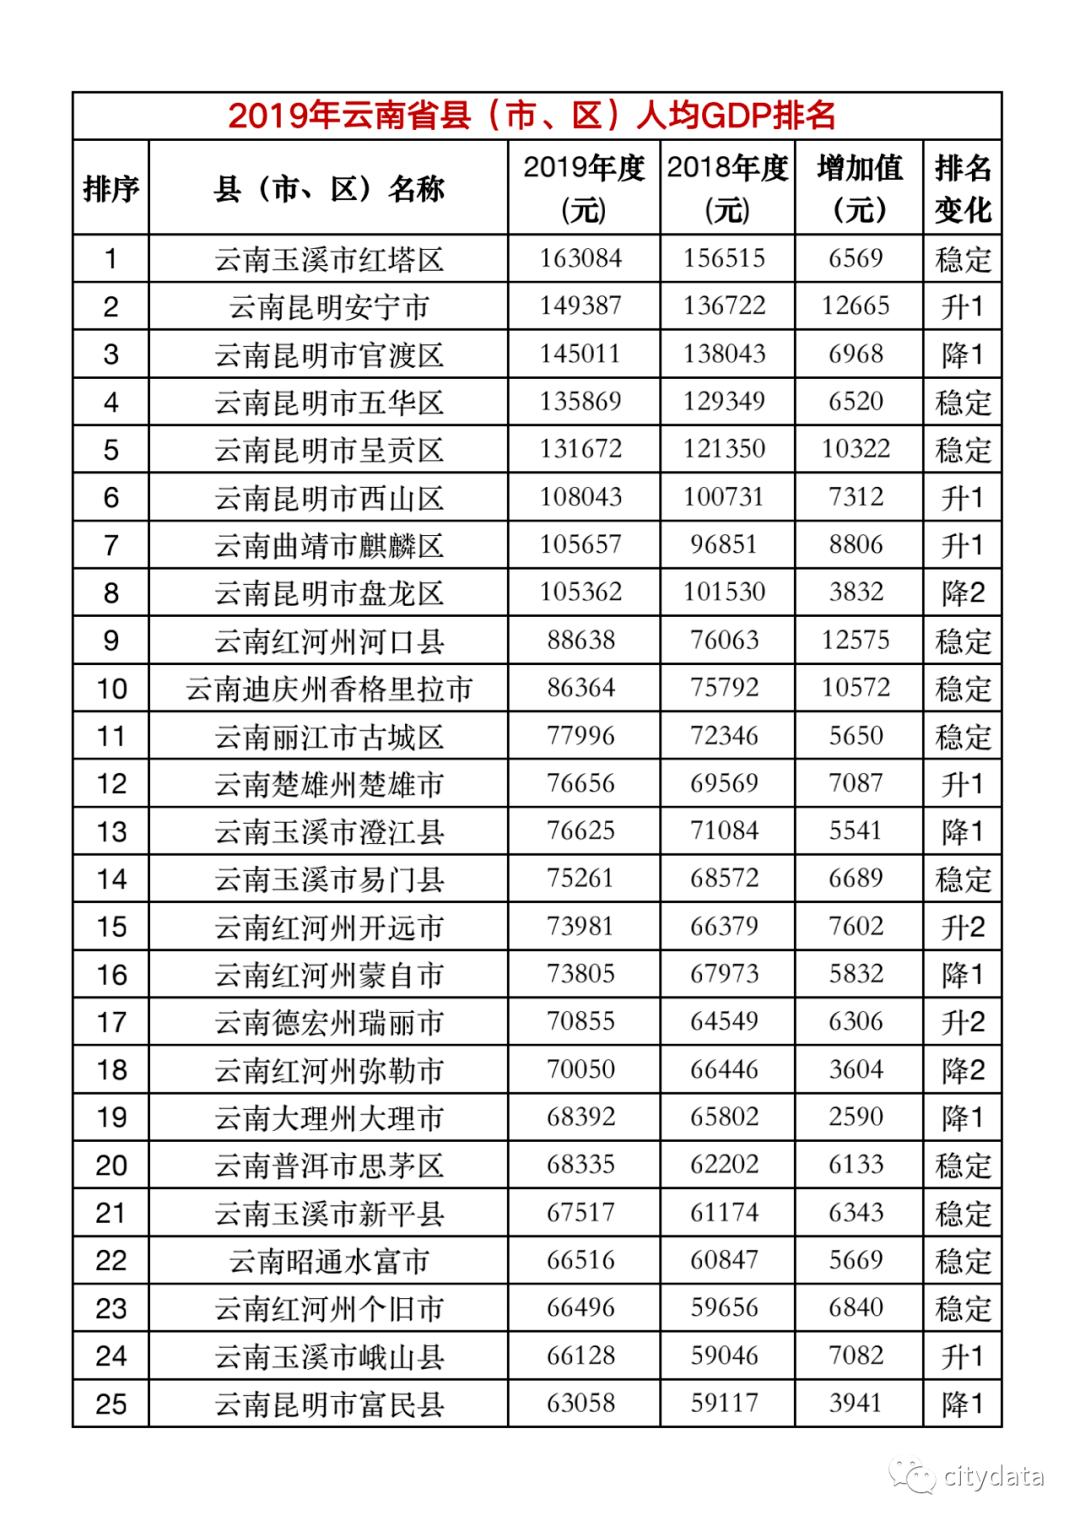 各省市gdp排名2019年_2020年湖南省各市州GDP排行榜:省会长沙市以绝对优势排名第一